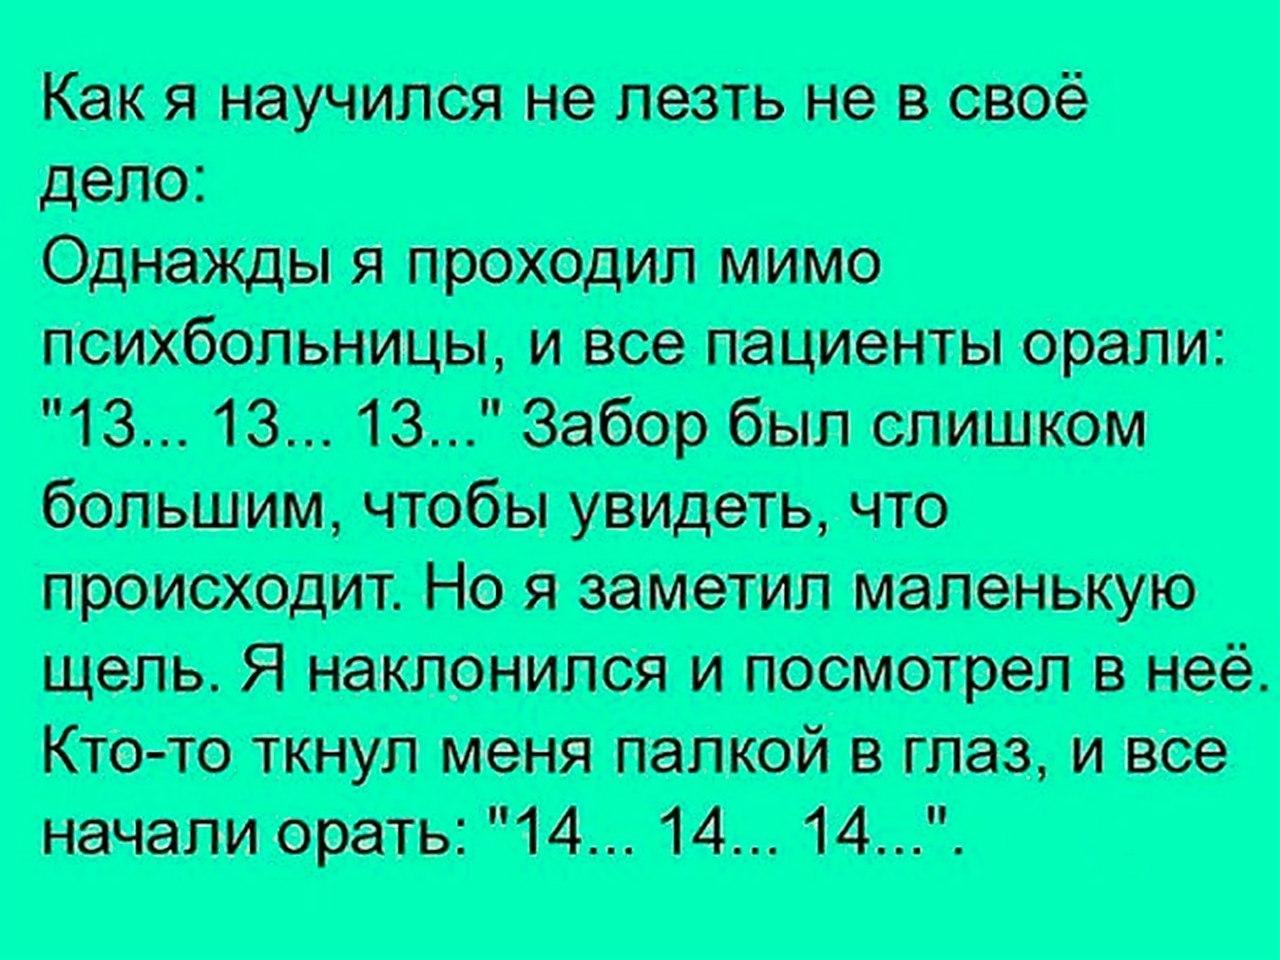 YKFmqq_cQqI.jpg